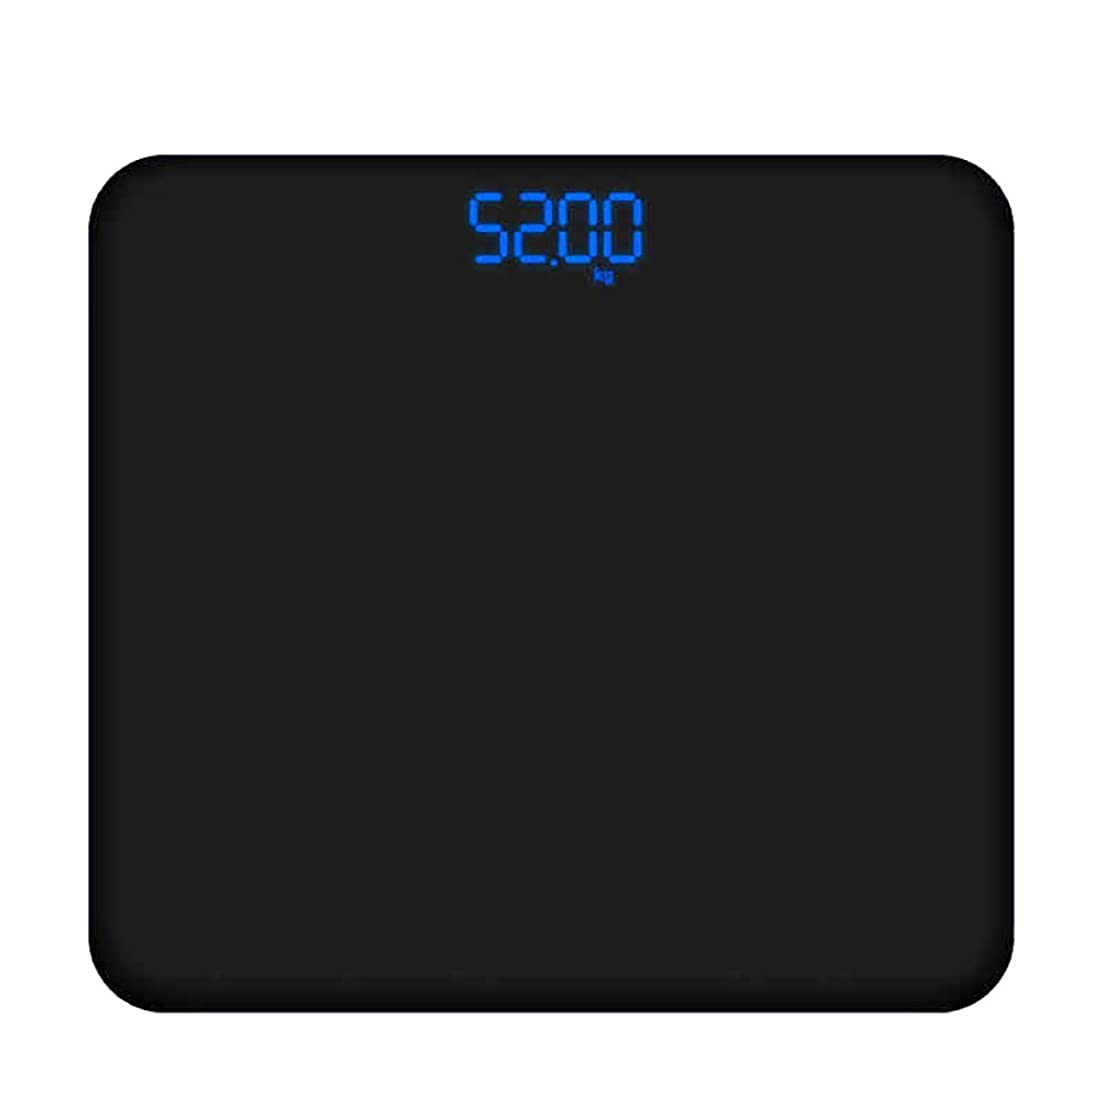 ガイダンス季節電気体脂肪計、デジタル体重計、体重計、体組成計